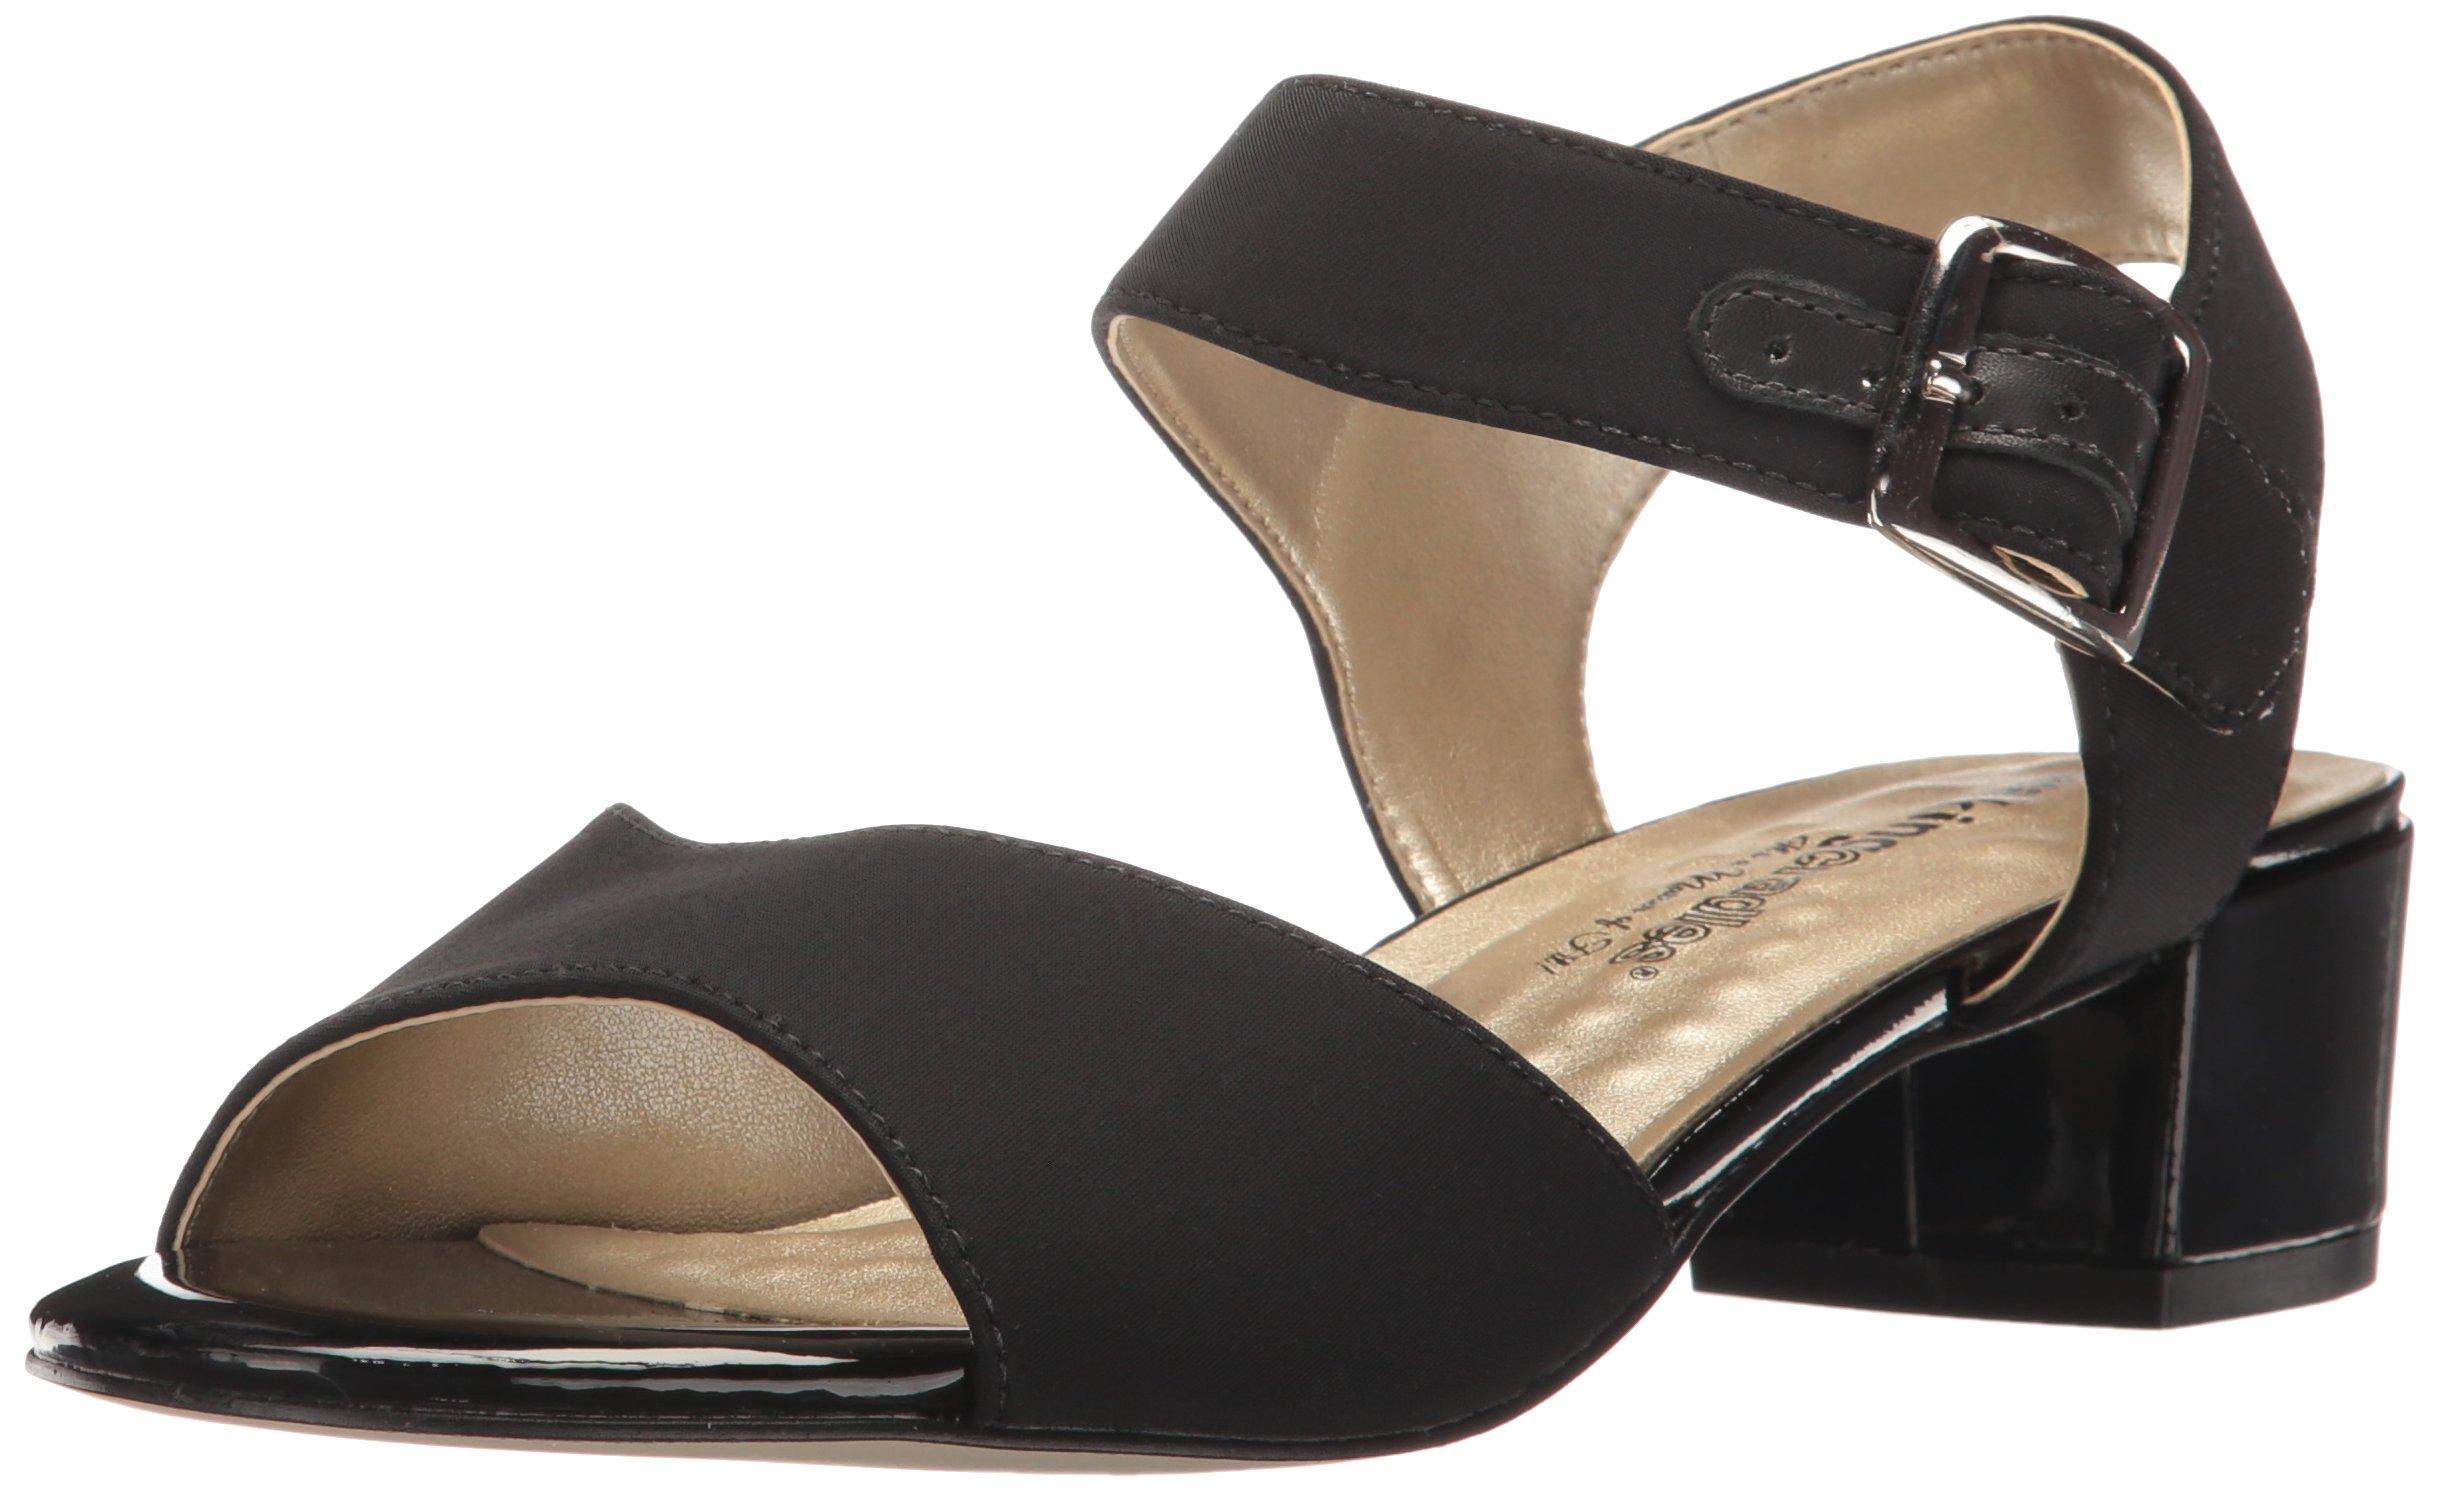 Walking Cradles Women's Macau Heeled Sandal, Black, 9.5 M US